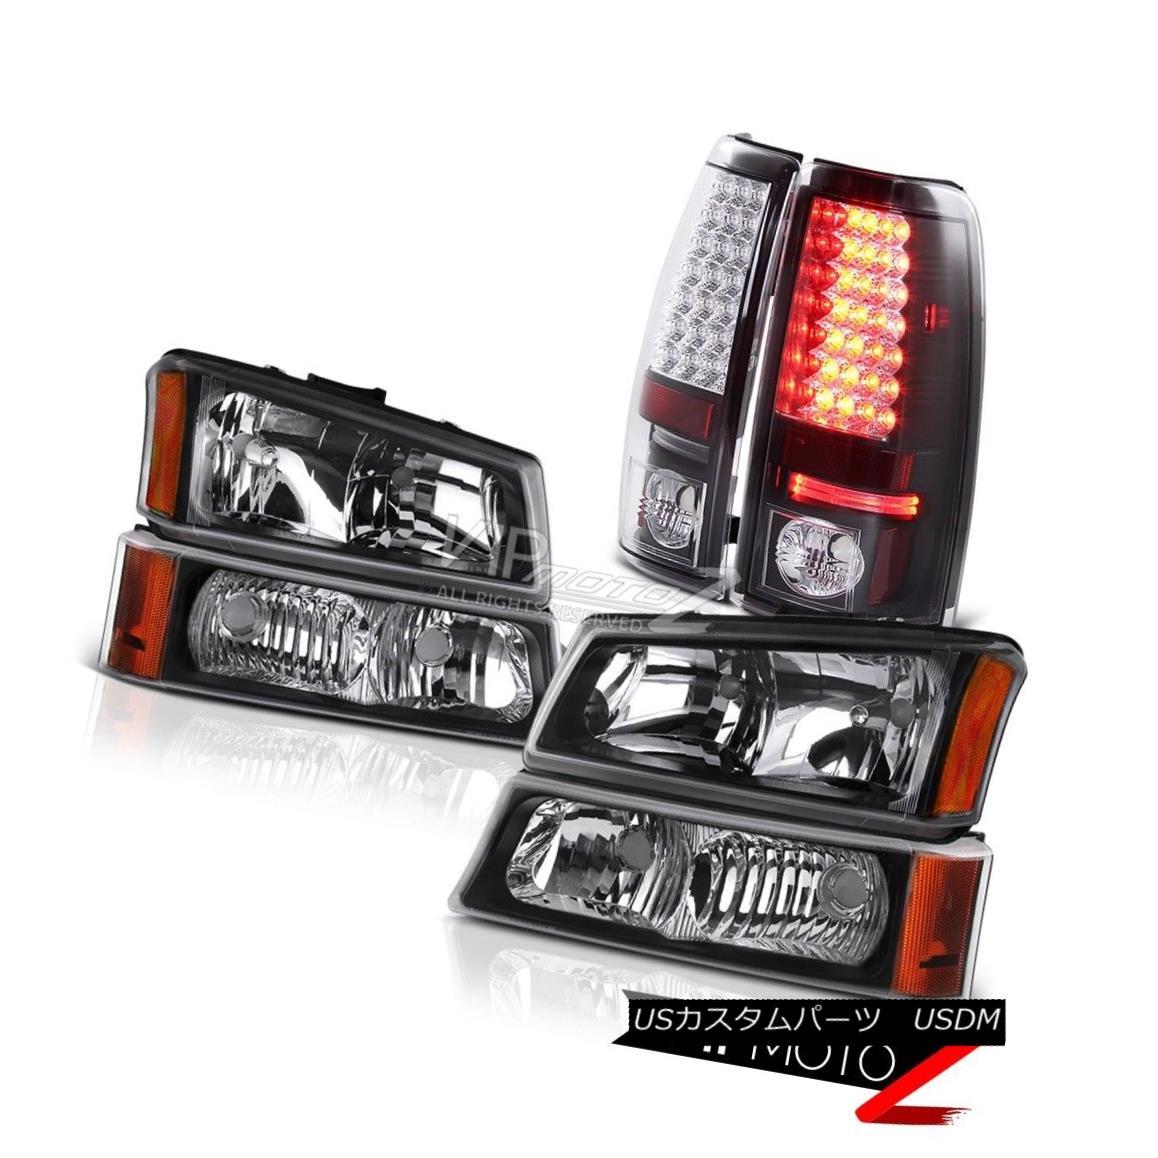 ヘッドライト Headlight Bumper Black Brake LED Tail Light 03 04 05 06 Silverado DuraMax 6.6L ヘッドライトバンパーブラックブレーキLEDテールライト03 04 05 06シルバラードDuraMax 6.6L